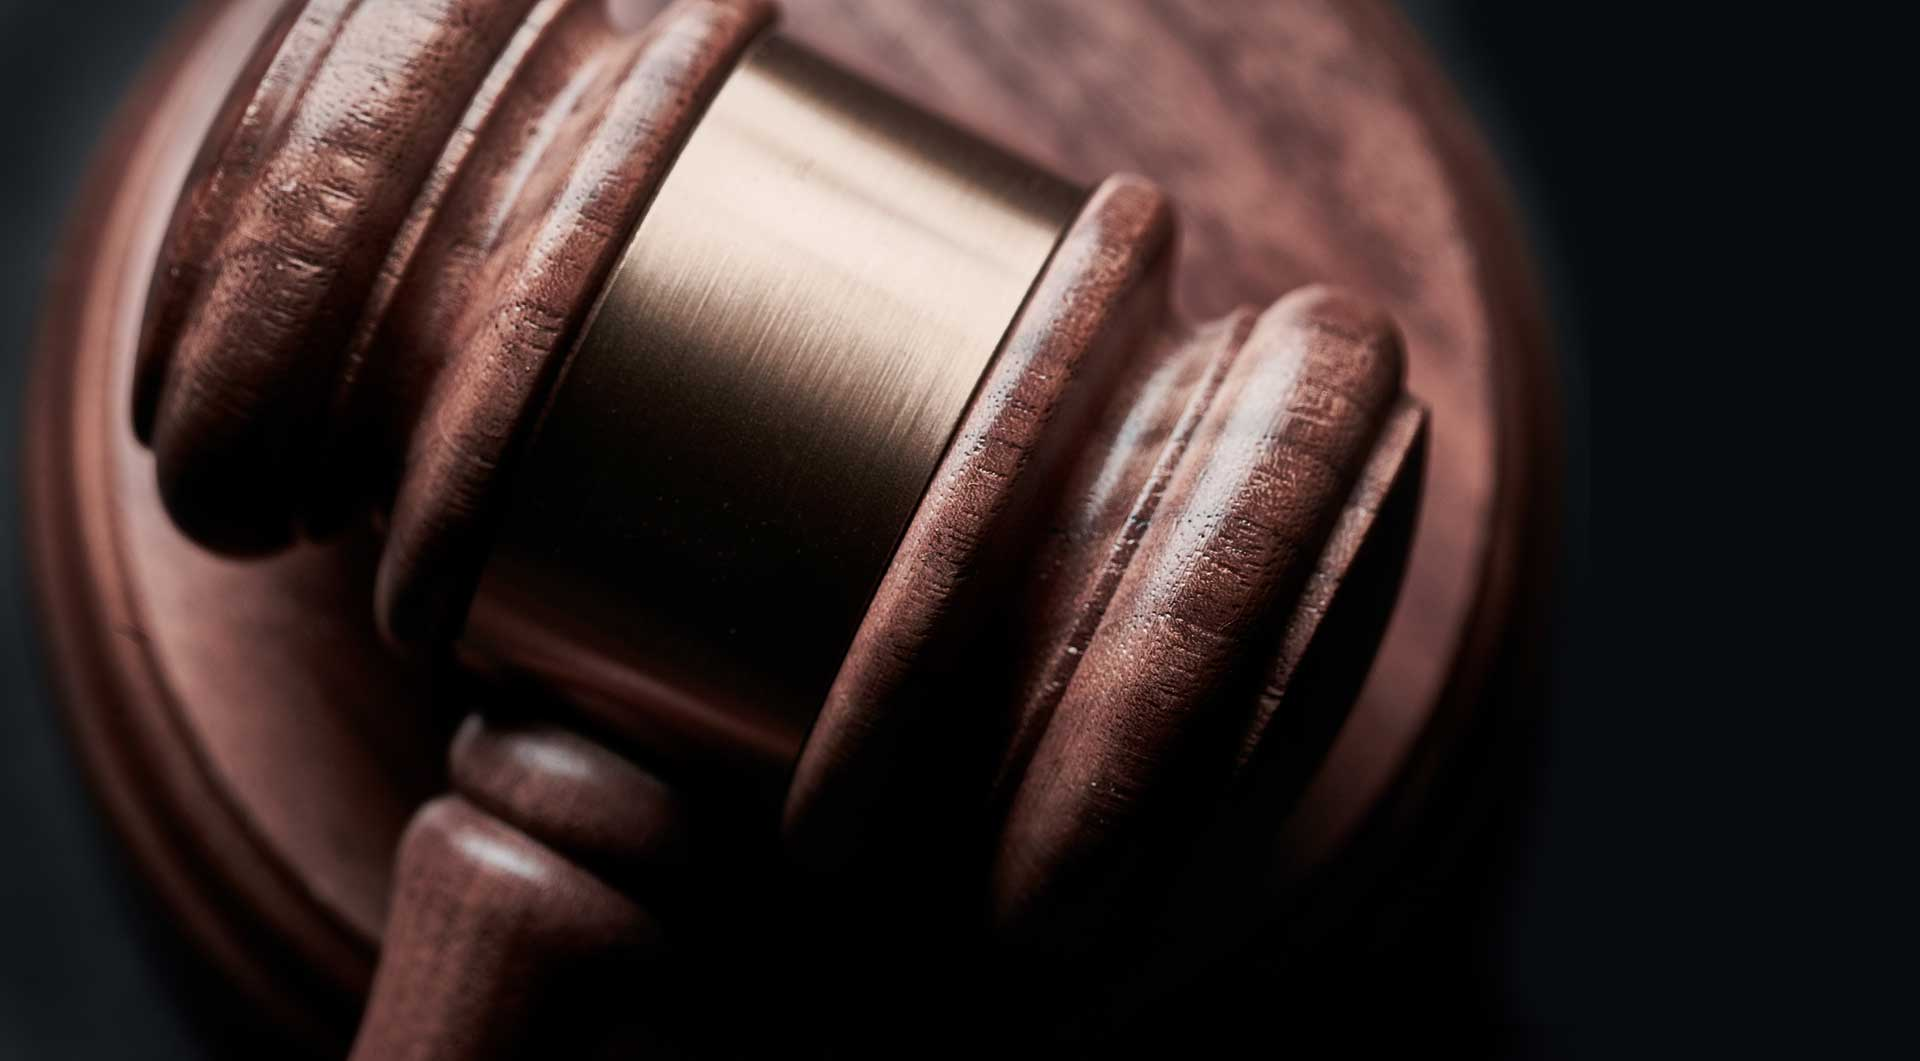 Varsity Blues Case Unfolding